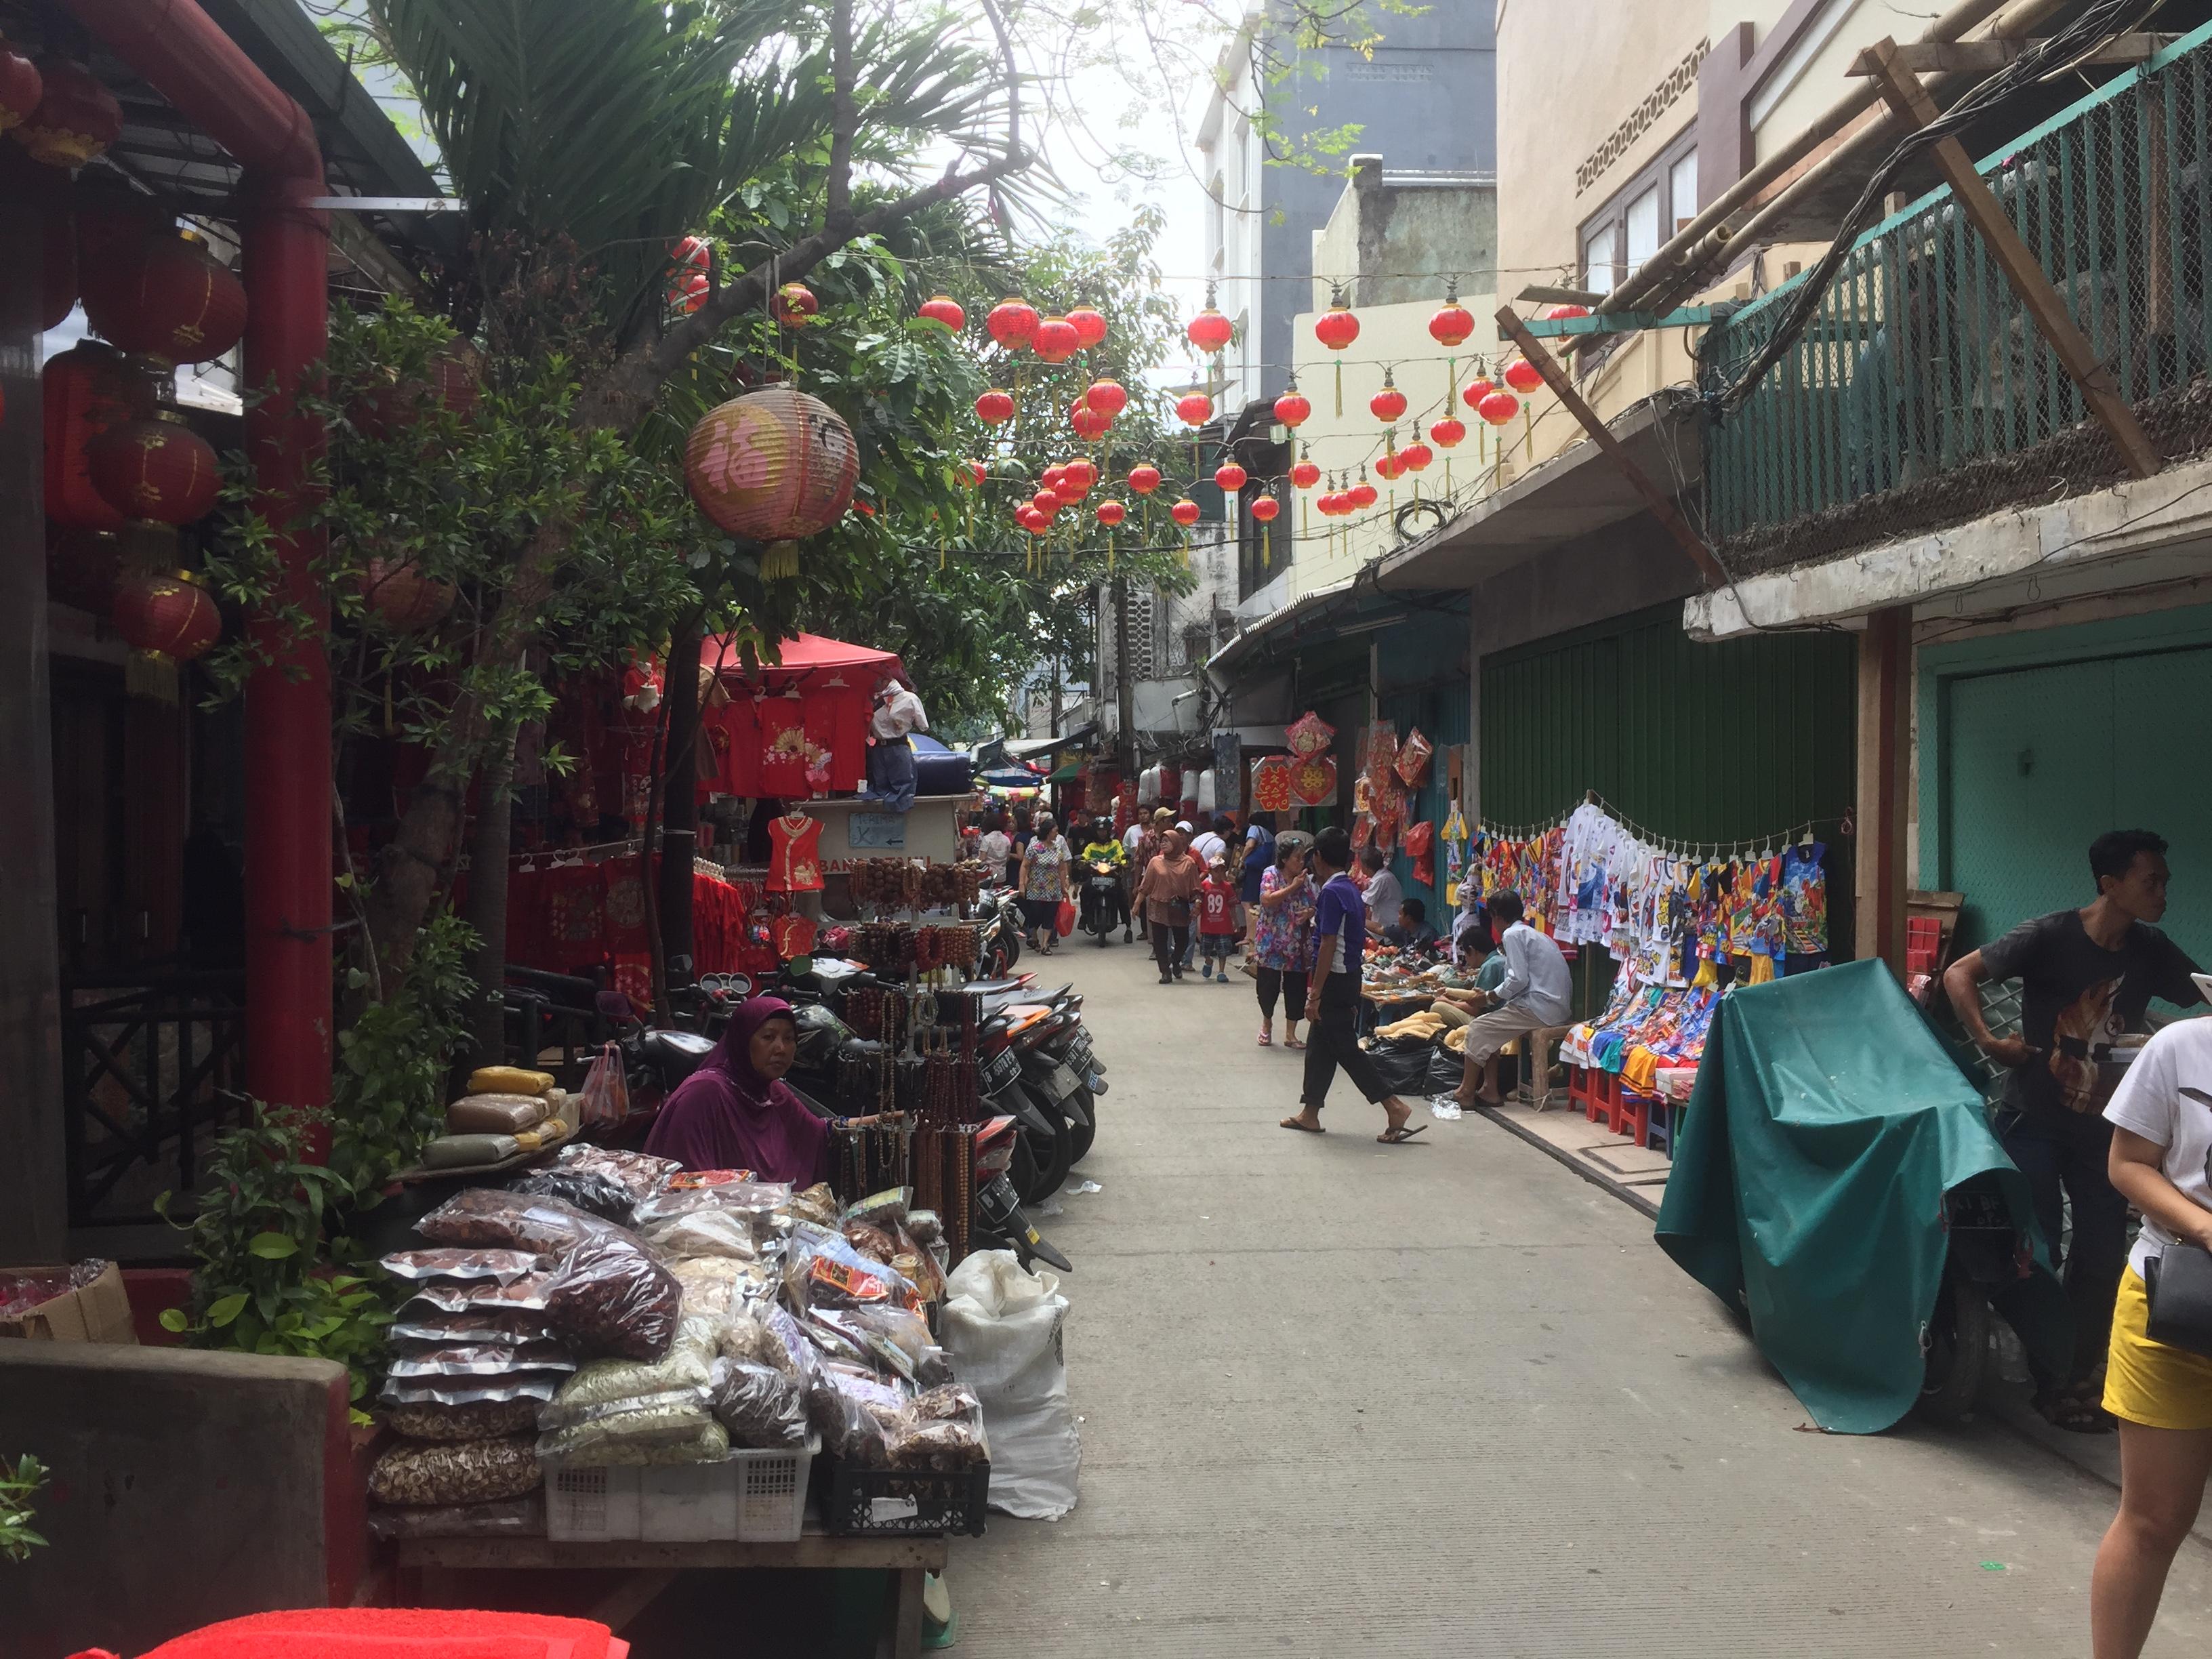 Menikmati Gang Gloria Dan Petak 9 Glodok Dari Kuliner Hingga In Pasar Petak Sembilan Daftar Wisata Menarik Yang Bisa Dikunjungi Saat Imlek Di Jakarta